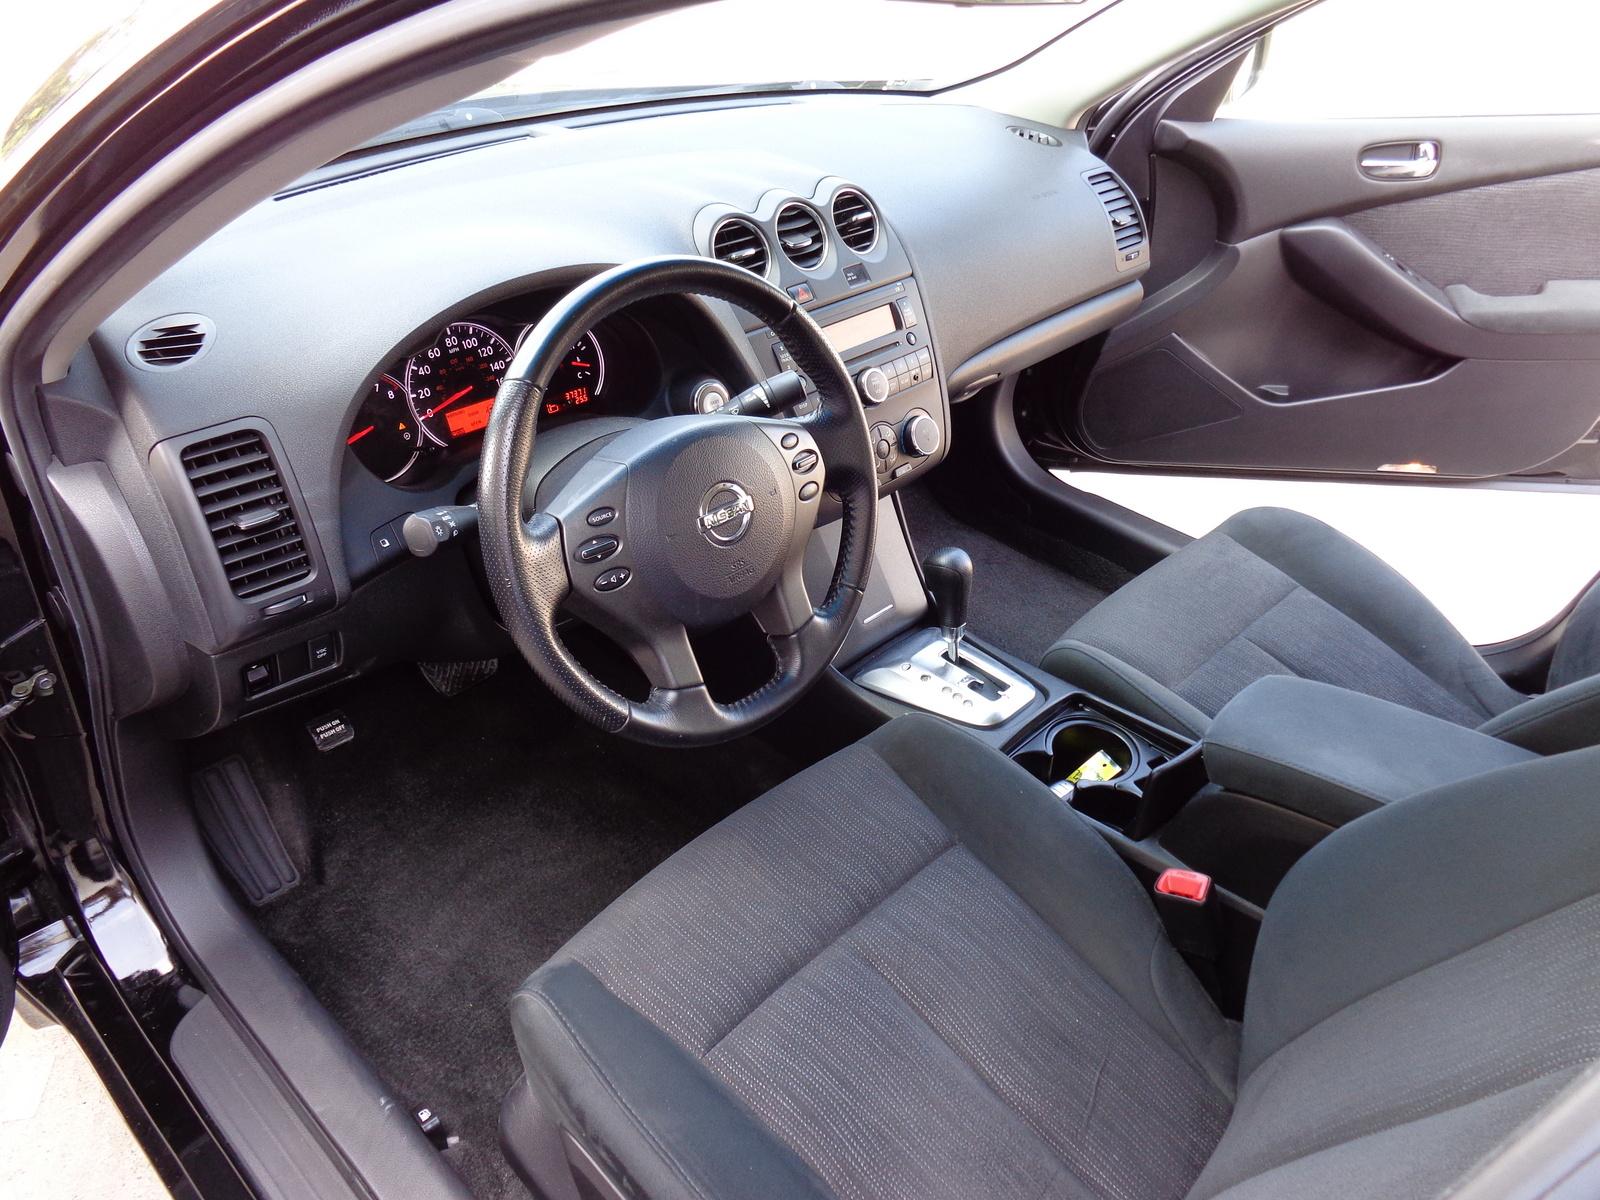 2010 Nissan Altima Interior Pictures Cargurus